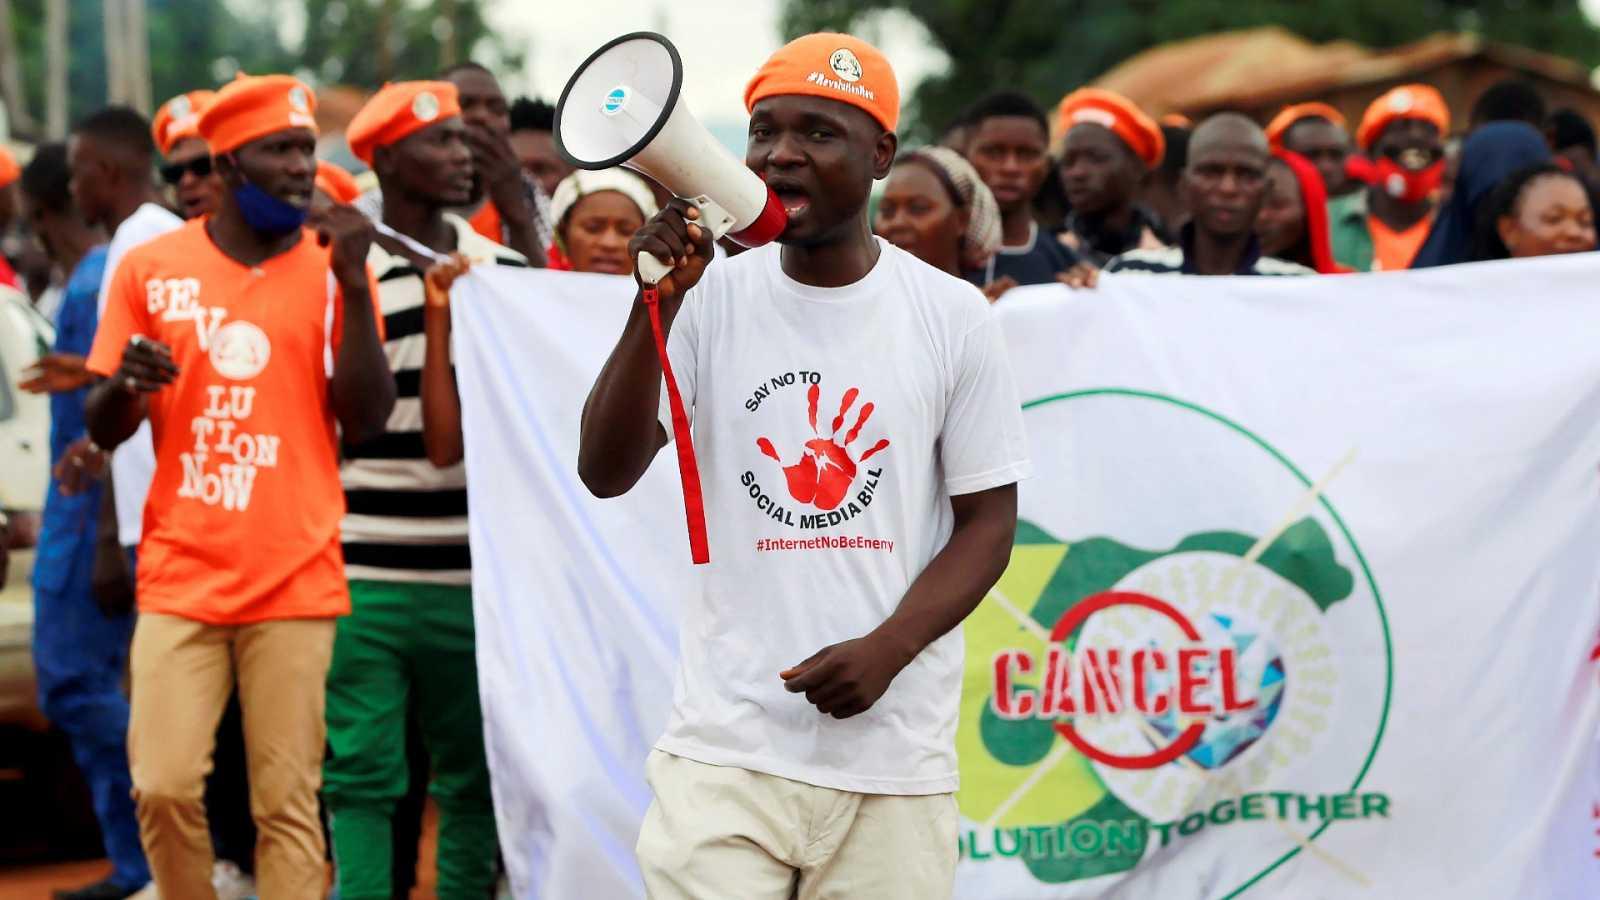 Reportajes 5 Continentes - Los retos de Nigeria, 60 años después de su independencia - Escuchar ahora